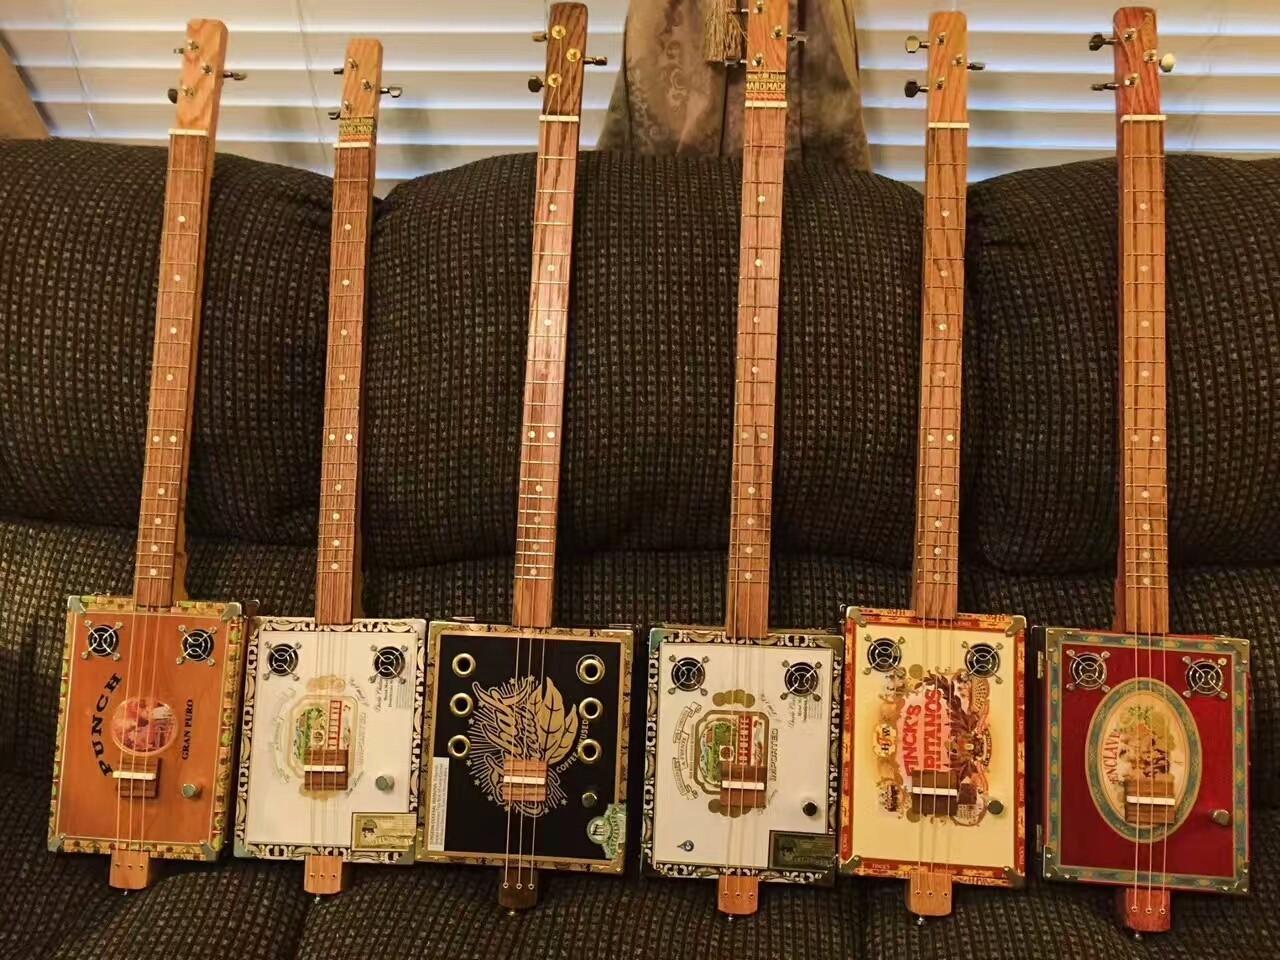 用雪茄盒做一把吉他 - 日记 - 豆瓣